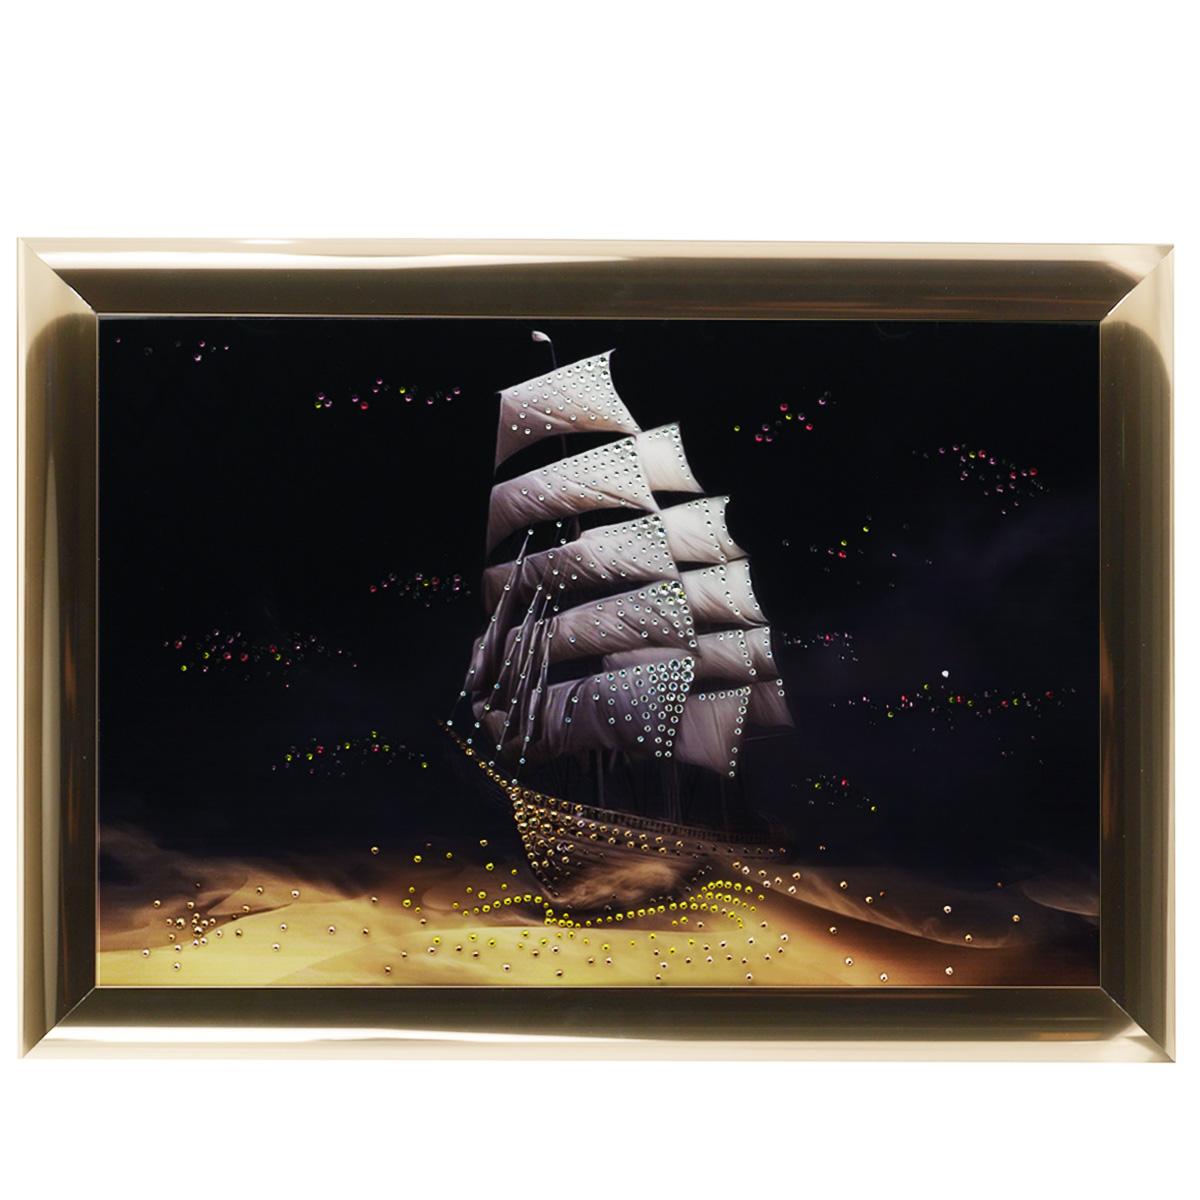 Картина с кристаллами Swarovski Корабль пустыни, 67 х 47 см296665Изящная картина в багетной раме, инкрустирована кристаллами Swarovski, которые отличаются четкой и ровной огранкой, ярким блеском и чистотой цвета. Красочное изображение корабля в пустыни, расположенное на внутренней стороне стекла, прекрасно дополняет блеск кристаллов. С обратной стороны имеется металлическая проволока для размещения картины на стене. Картина с кристаллами Swarovski Корабль пустыни элегантно украсит интерьер дома или офиса, а также станет прекрасным подарком, который обязательно понравится получателю. Блеск кристаллов в интерьере, что может быть сказочнее и удивительнее. Картина упакована в подарочную картонную коробку синего цвета и комплектуется сертификатом соответствия Swarovski.